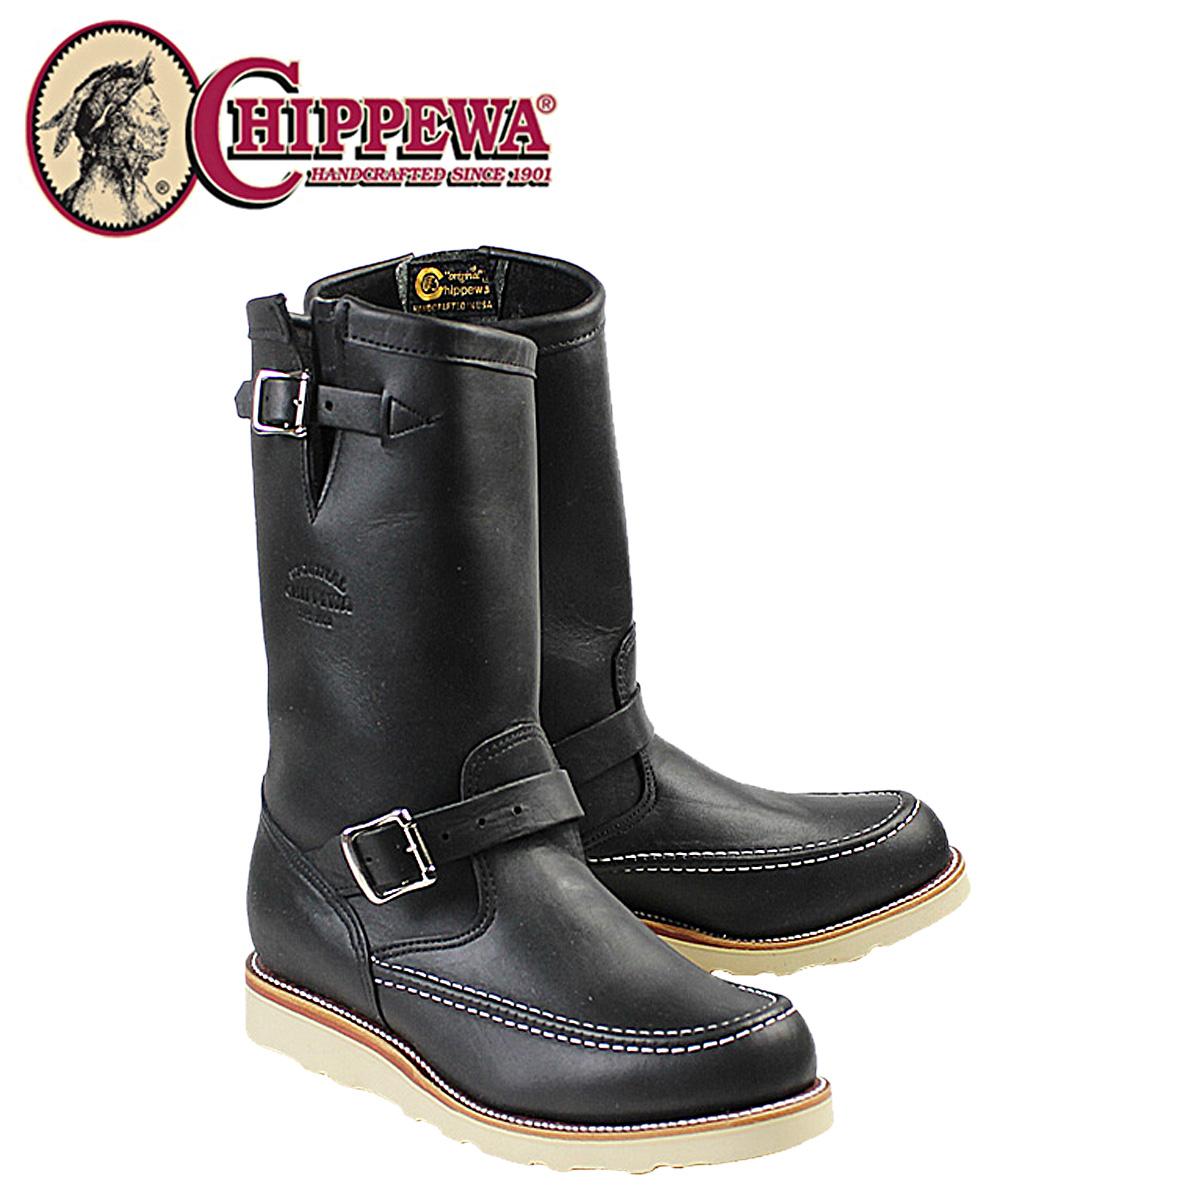 CHIPPEWA チペワ 11インチ オデッサ ハイランダー ブラック 1901M00 11INCH ODESSA HIGHLANDER Eワイズ レザー BOOT メンズ